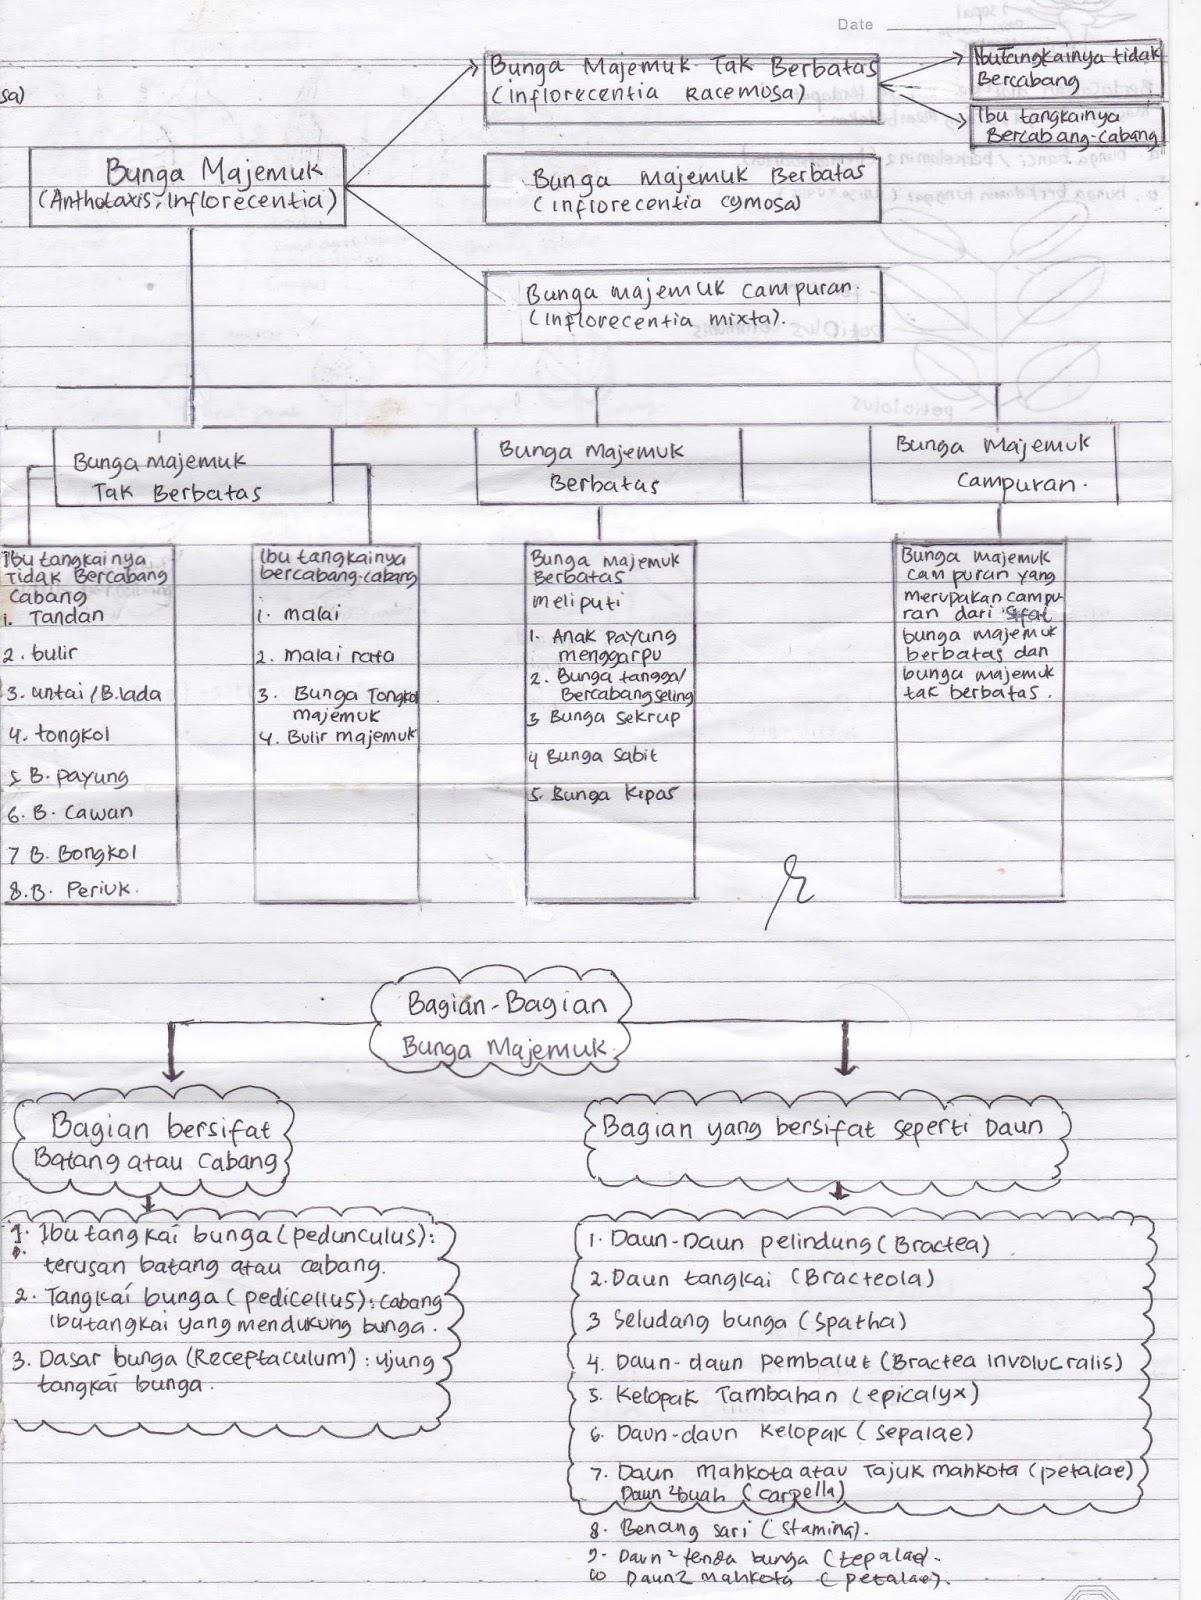 Biologi green areabiologi gambar diagram dan skema bunga majemuk gambar 11 diagram pembagian bunga majemuk sumber ade sm ccuart Images